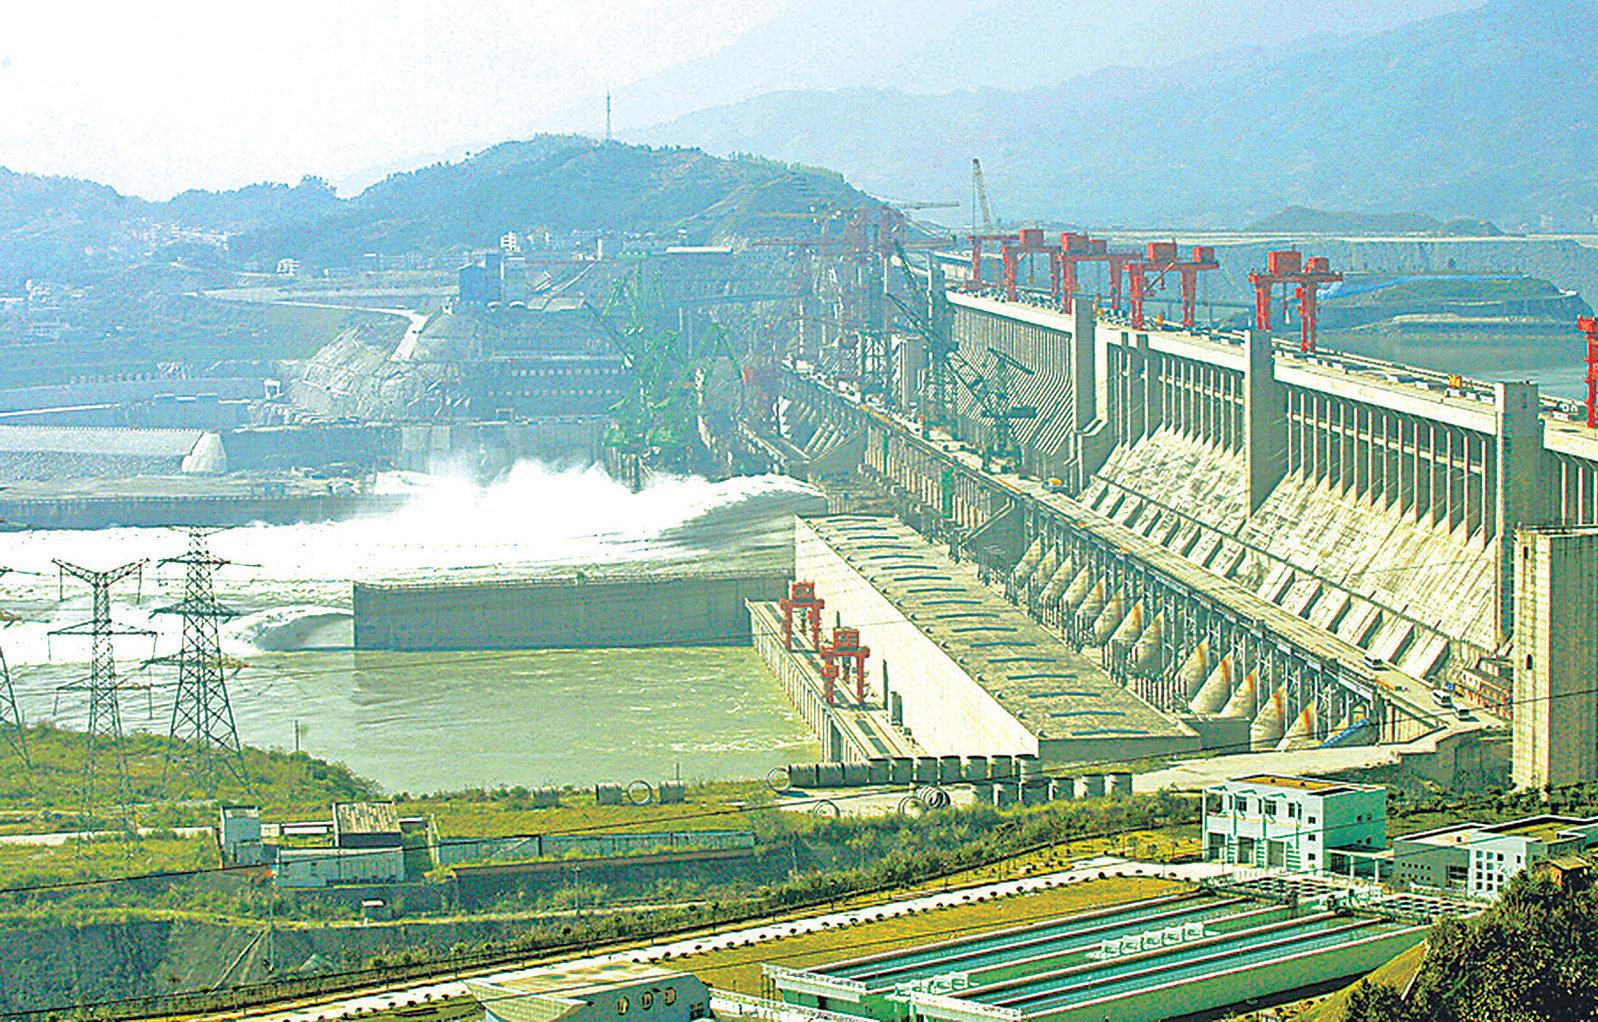 中共多次強調三峽大壩防洪性能,但最近清華大學水利專家稱三峽防洪能力不如官方所稱。(Getty Images)